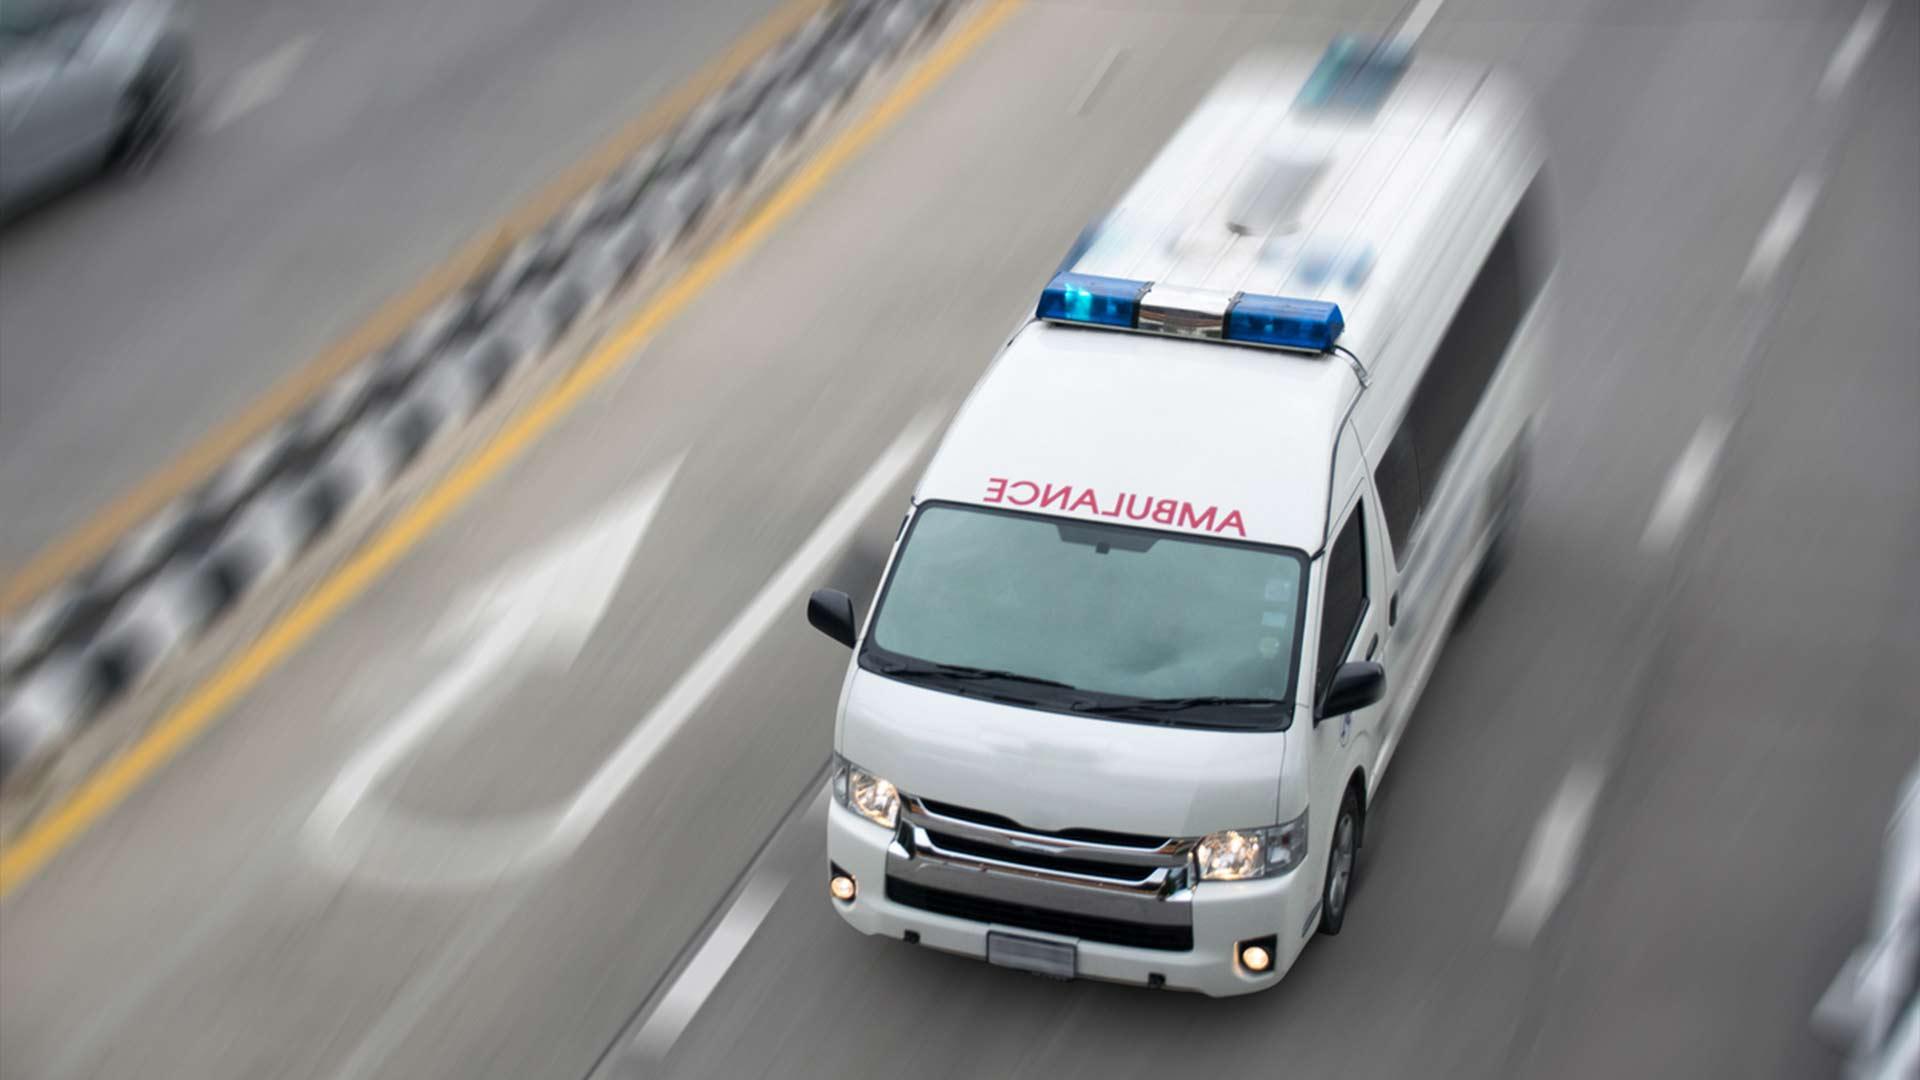 ¿Qué hacer cuando se acercan vehículos de emergencia?